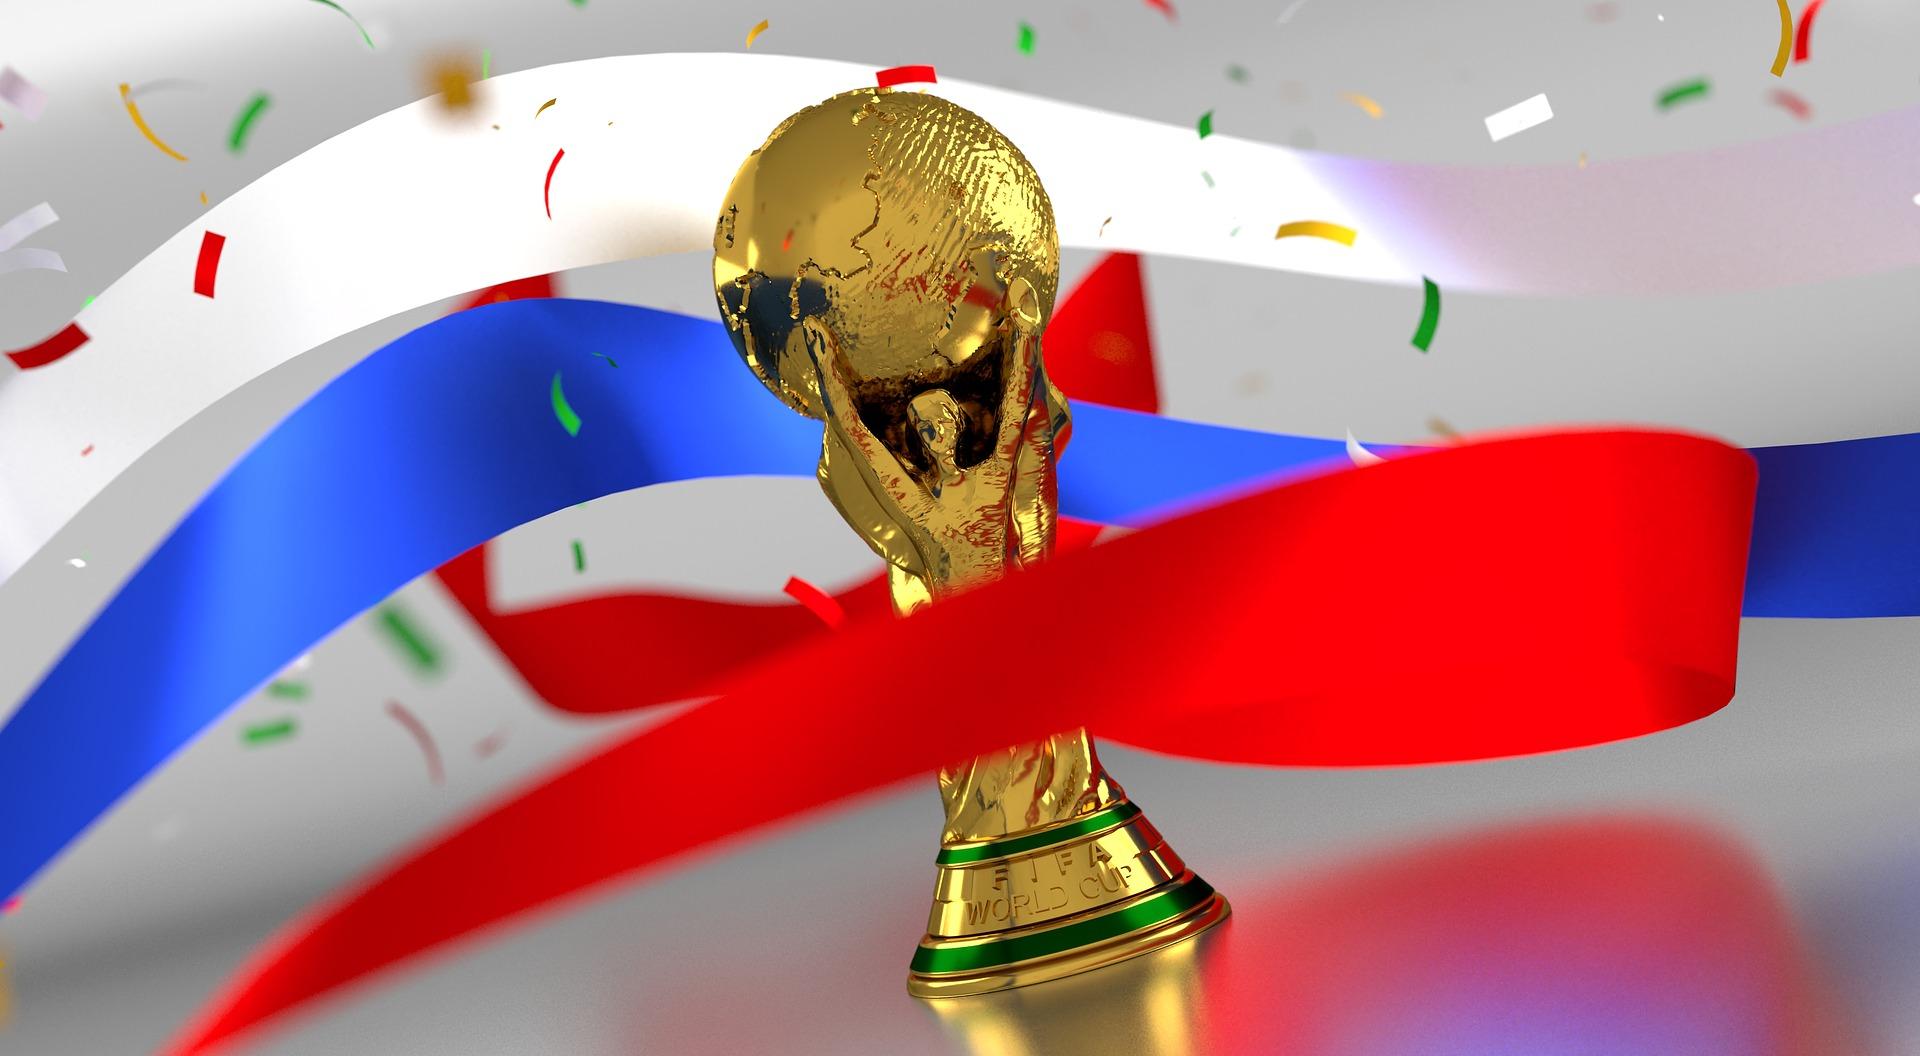 قيمة الجوائز المالية لمونديال روسيا 2018